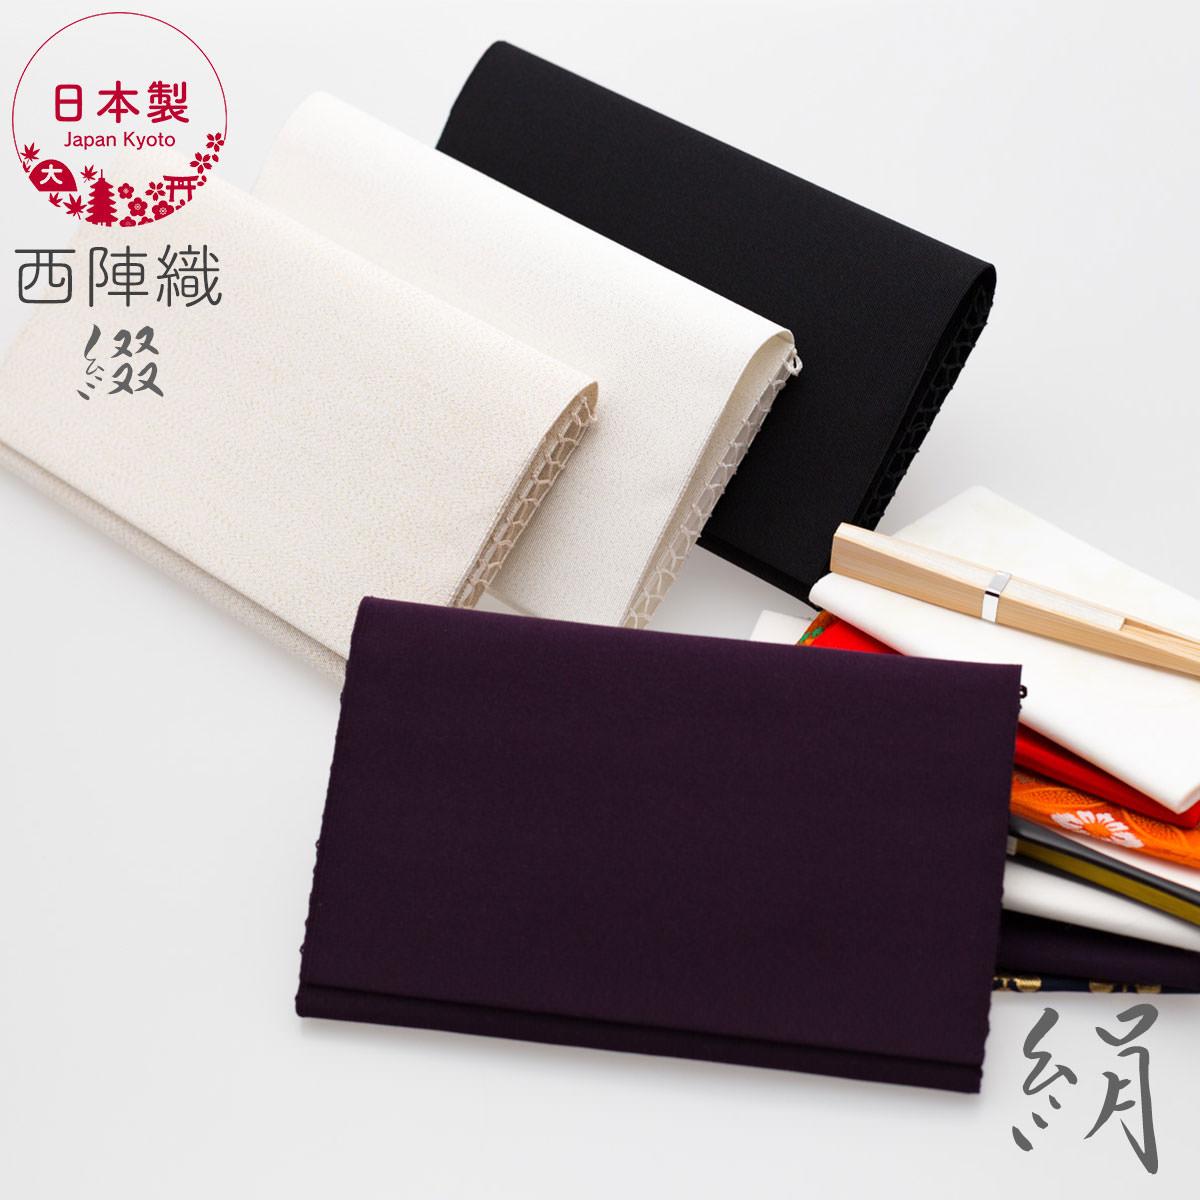 懐紙入れ ふくさばさみ 茶道具袋 数珠袋 日本製 西陣織 綴 シルク100% 男性 女性 M